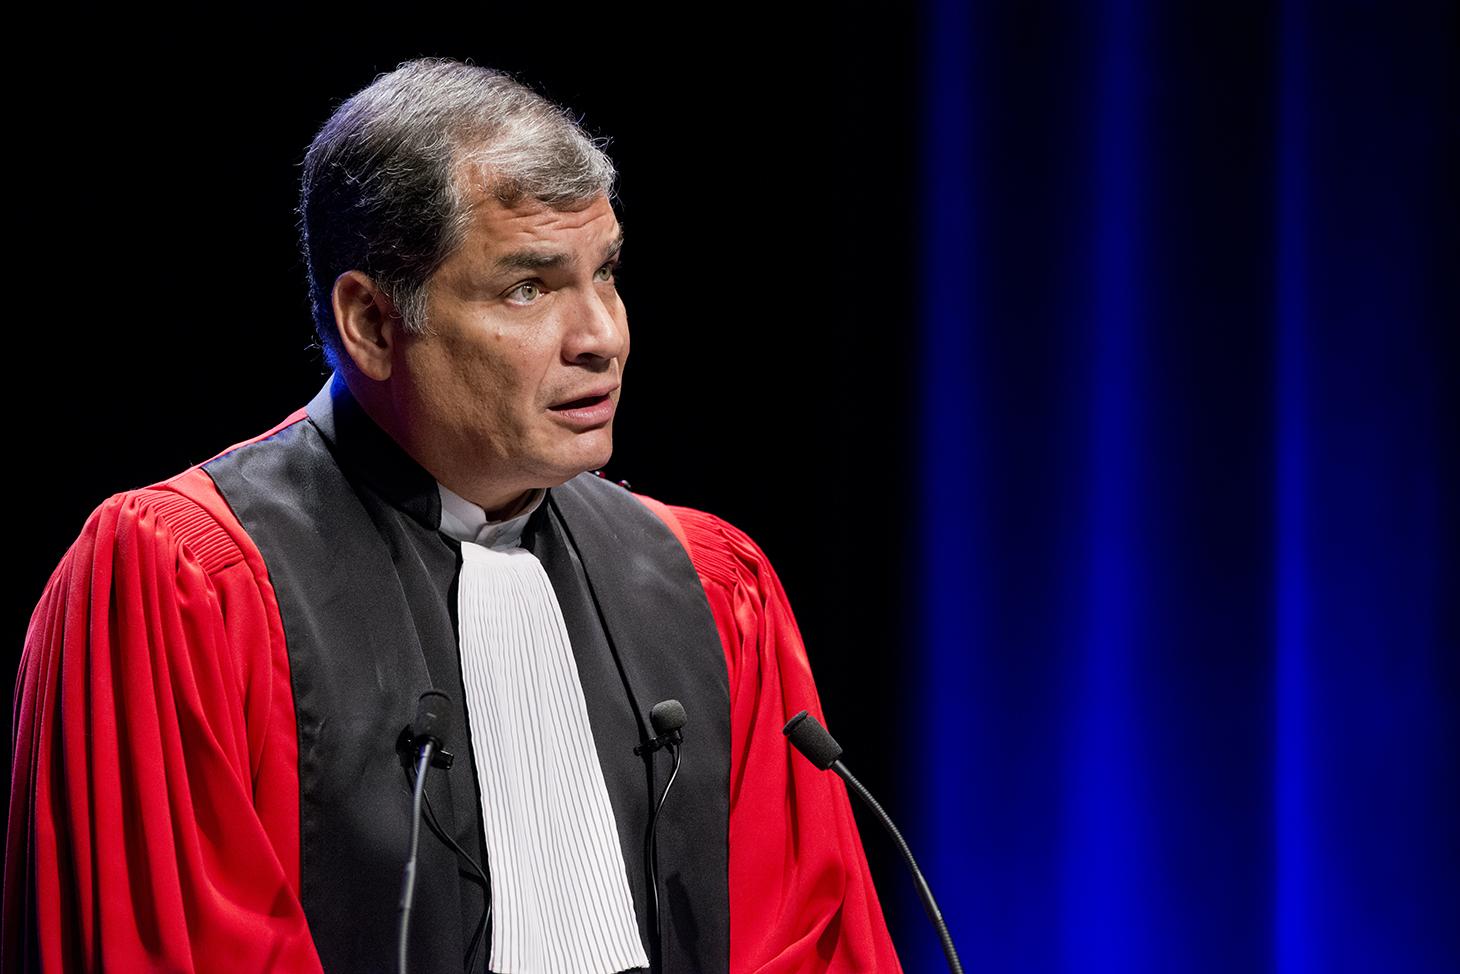 Réponse du récipiendaire Rafael Correa